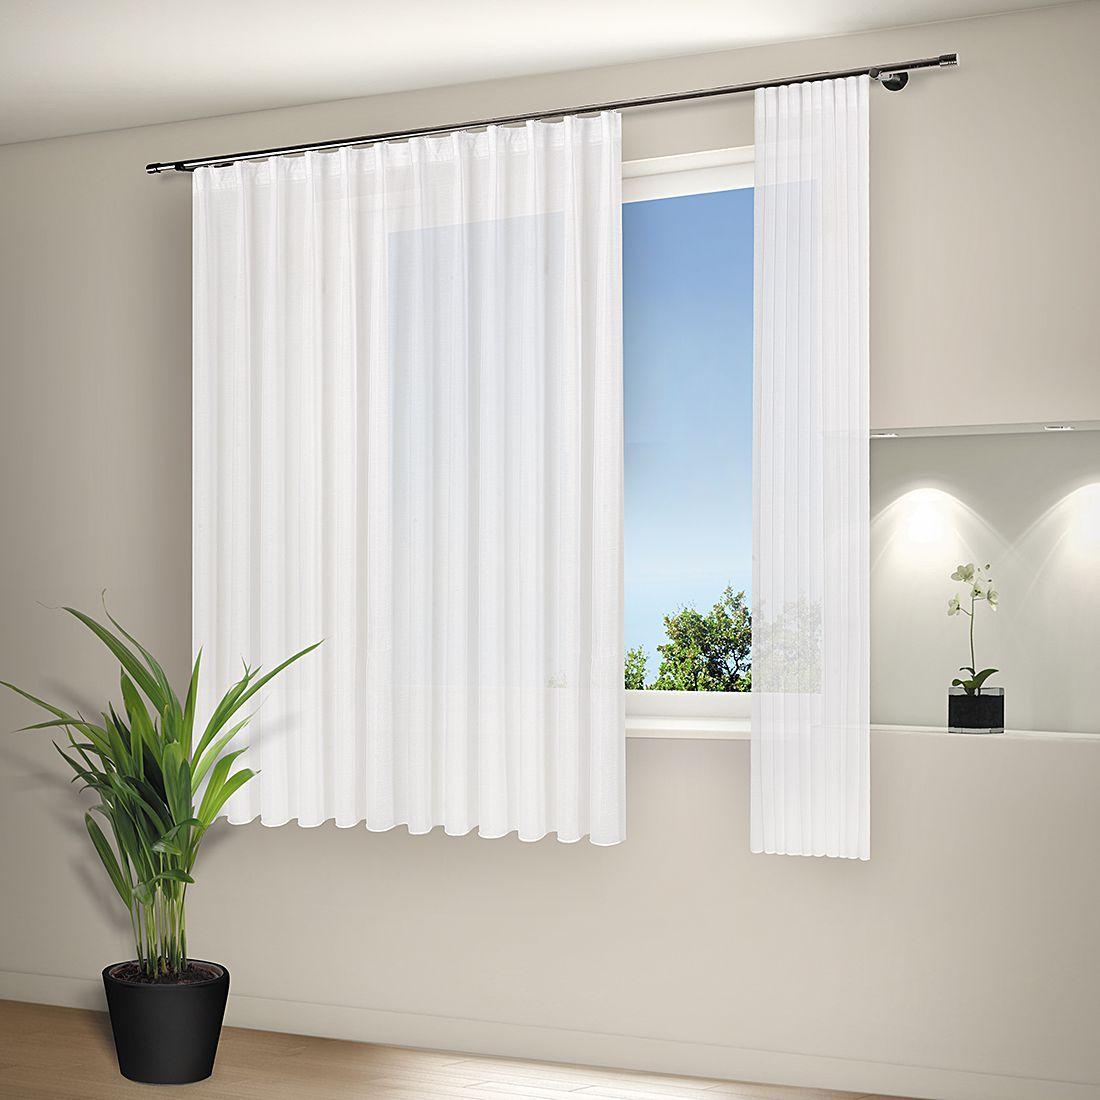 Kurze Vorhange Fur Fenster Vorhange Gardinen Darmstadt Vorhange Fur Schlafzimmer Modern Wohn Gardinen Fur Kleine Fenster Kurze Vorhange Vorhange Gardinen